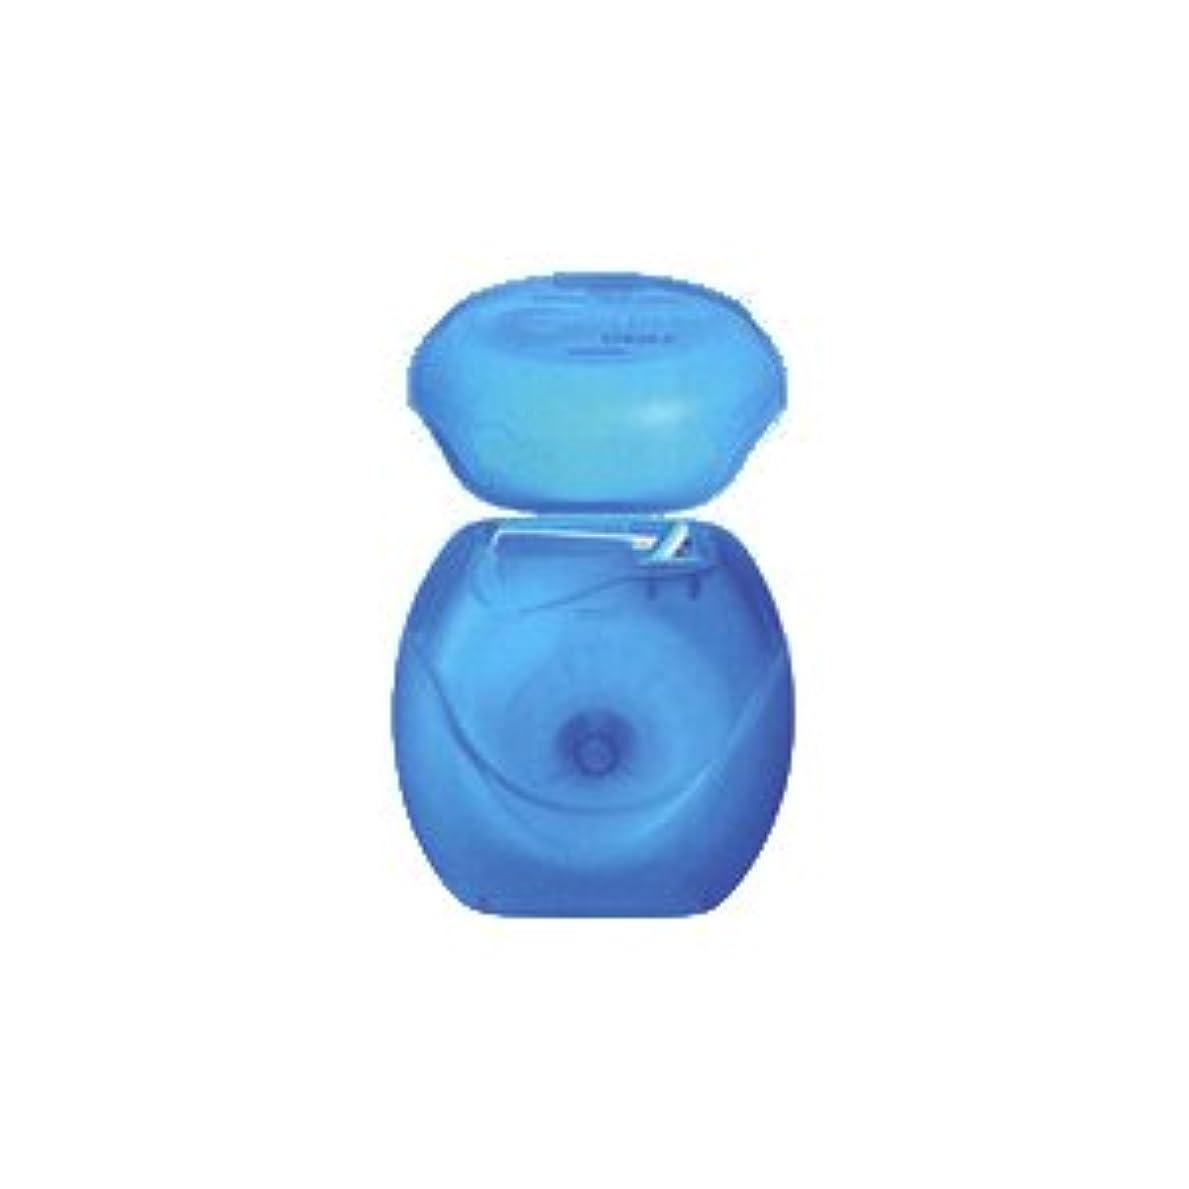 主張する自我チョークライオン DENT.e-floss デントイーフロス 1個 (ブルー)